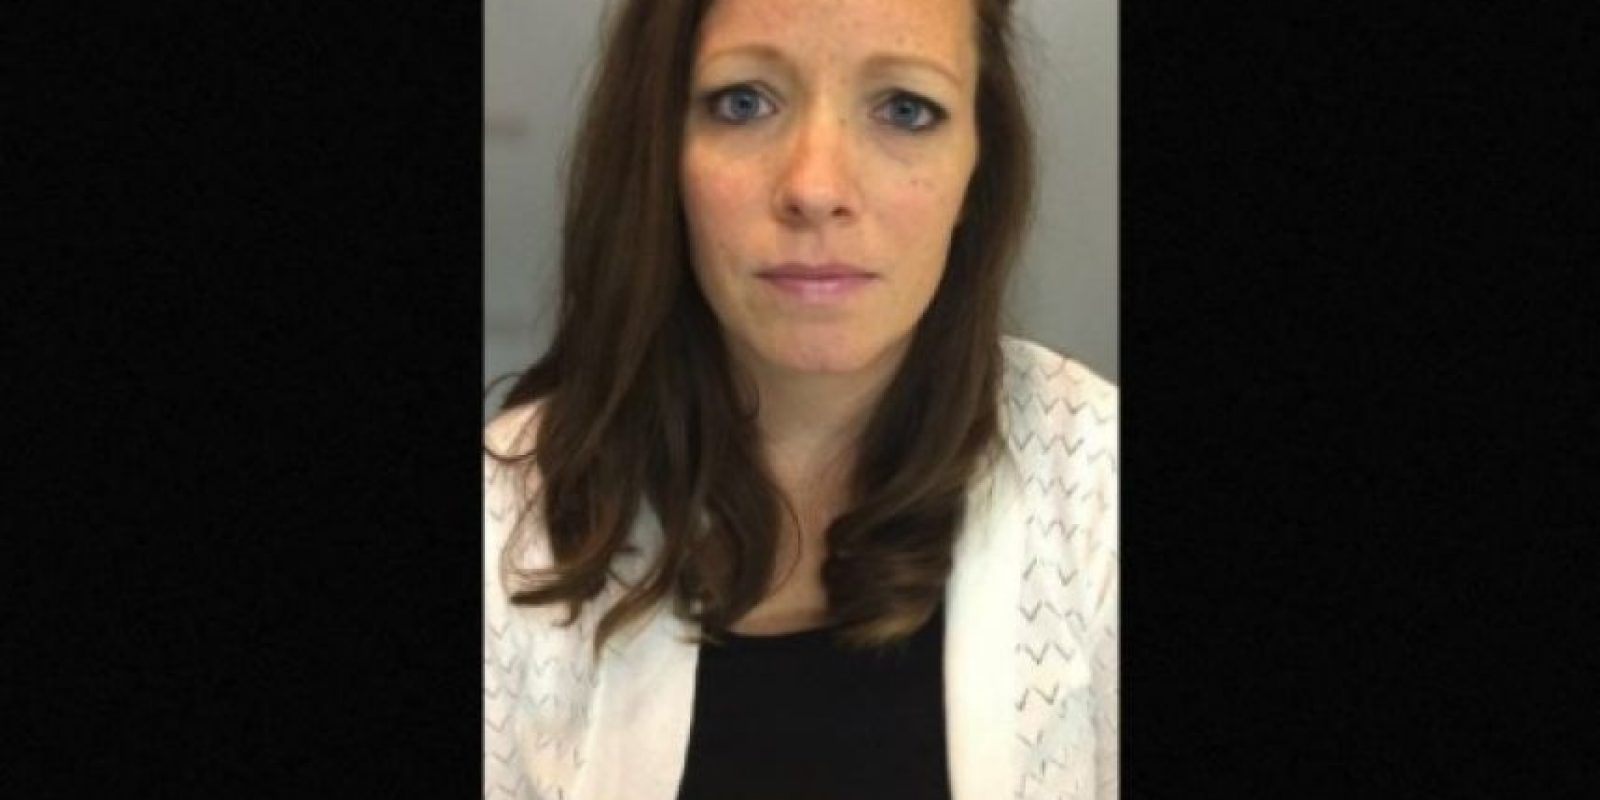 Danielle Watkins- Fue detenida después de que el joven acudiera ante las autoridades a denunciar la relación que tenía con la profesora Foto:Stamford Police Department